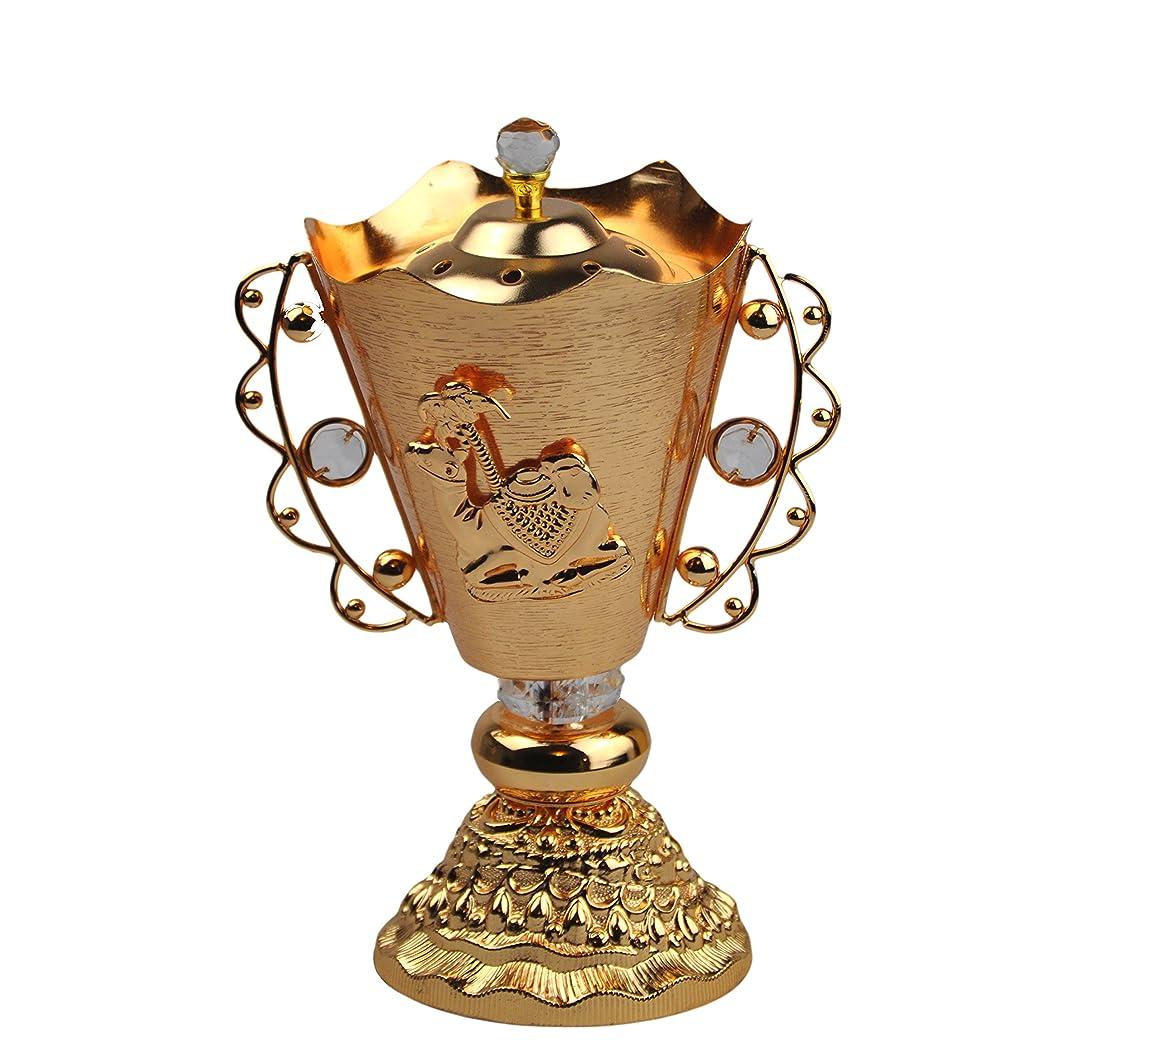 送料軍艦犬Arabia Incense / bakhoor Burner ( Mabkhara )?–?Oud Burner、ゴールドメタル、トレイ内側9インチ。?–?USA Seller